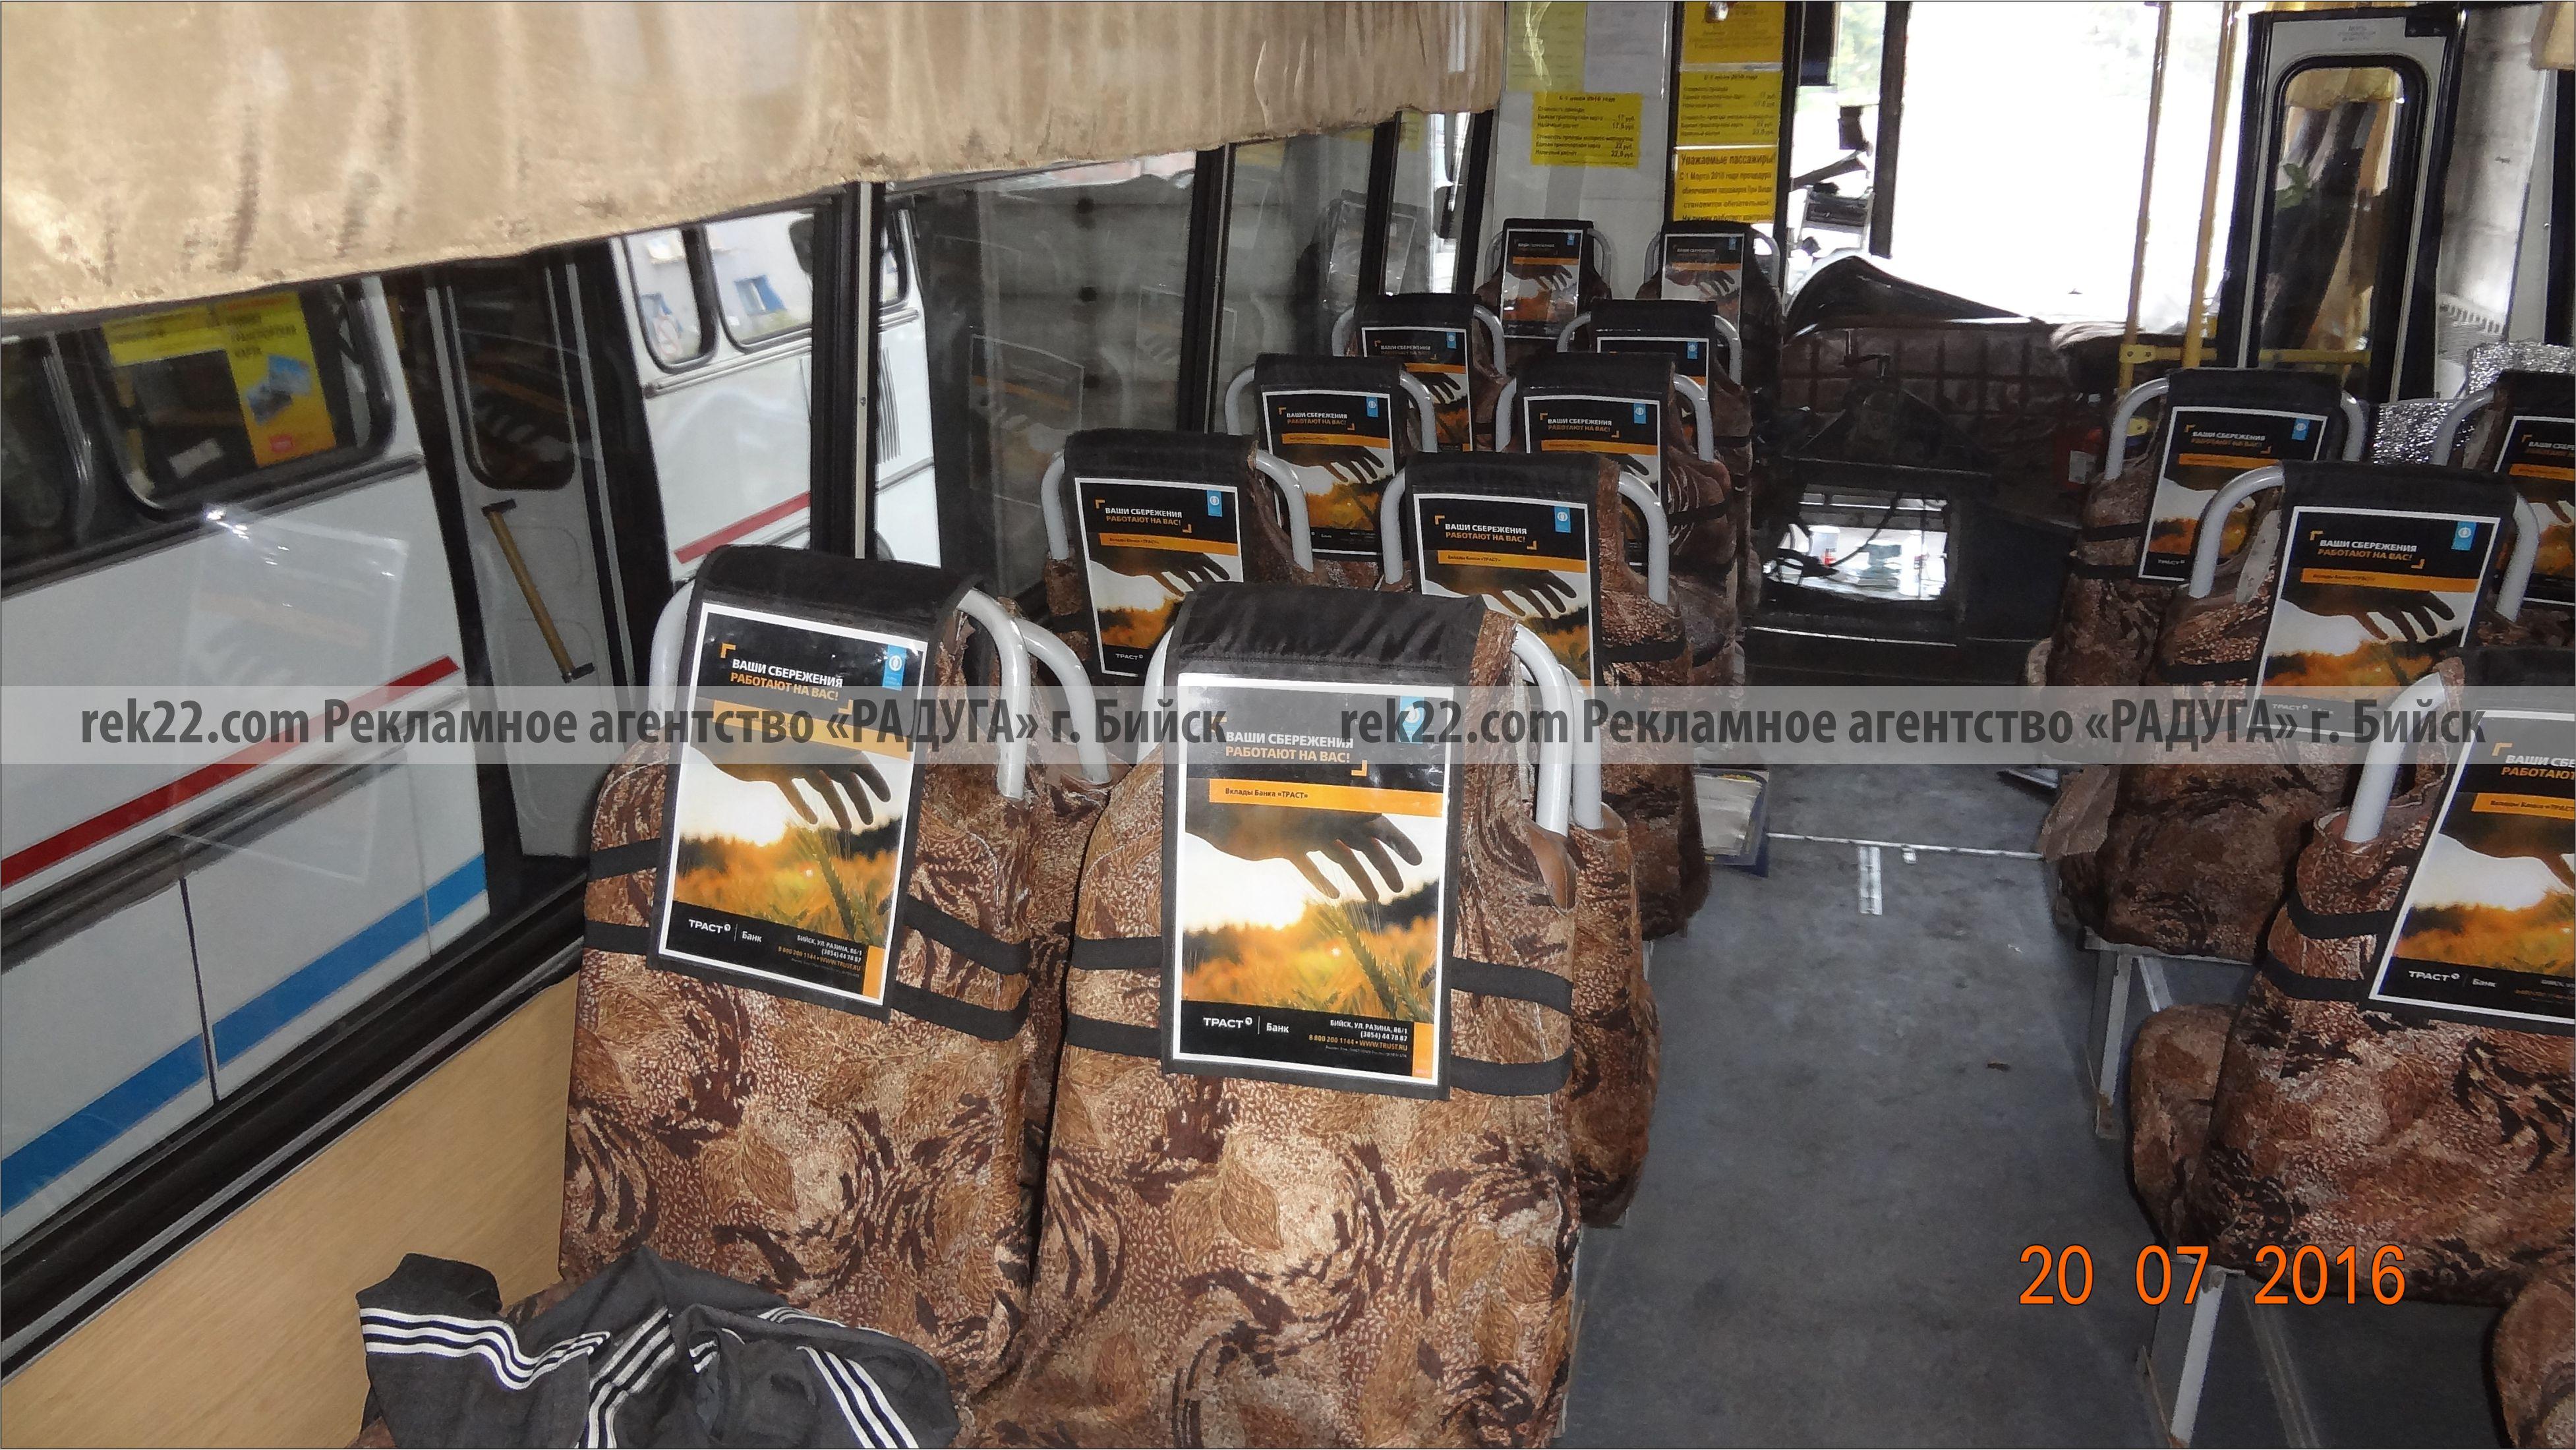 Реклама на транспорте Бийск - подголовники - 15